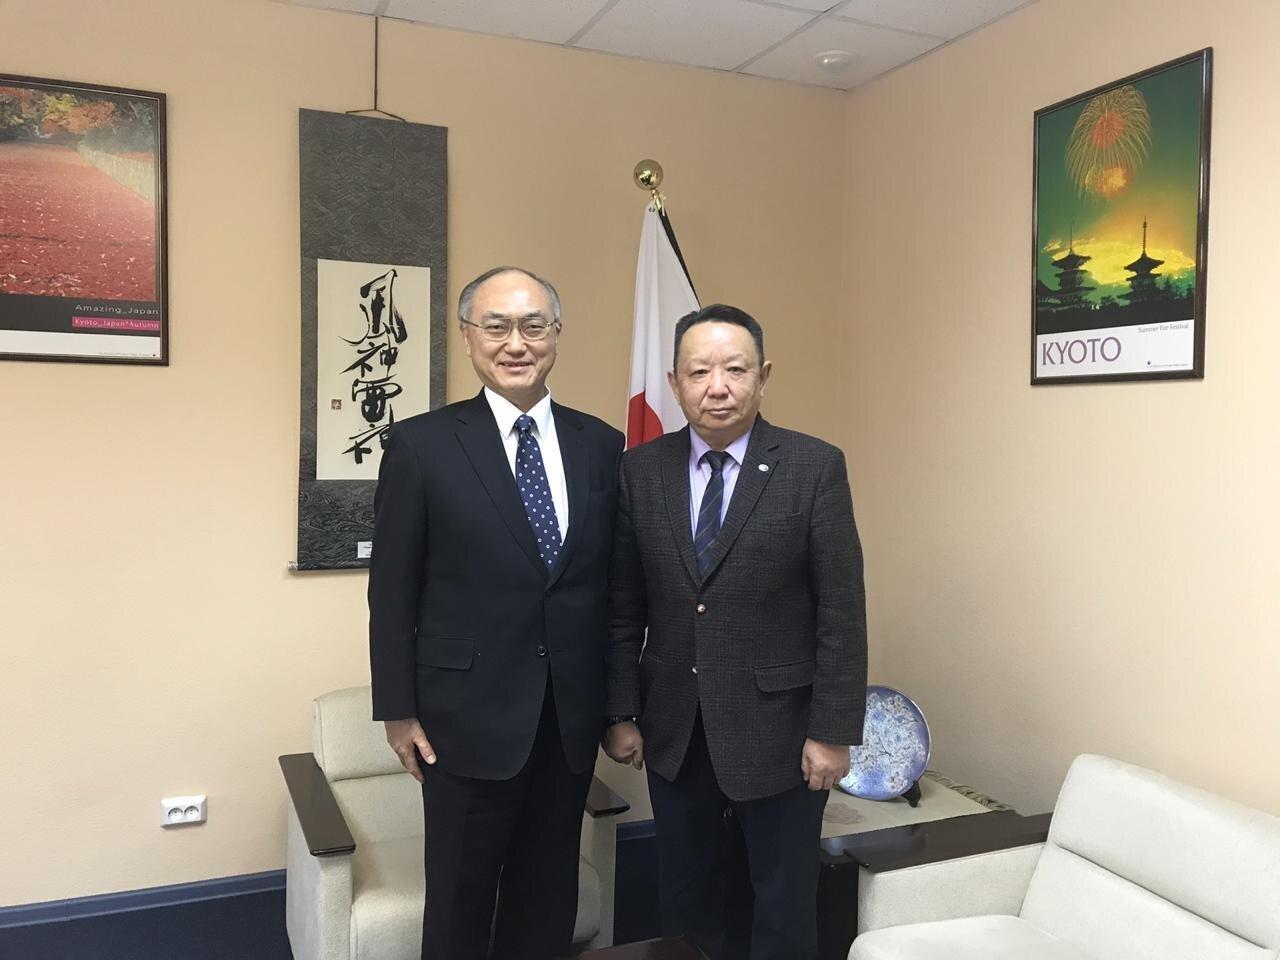 Постпред Якутии встретился с генеральным консулом Японии в Хабаровске